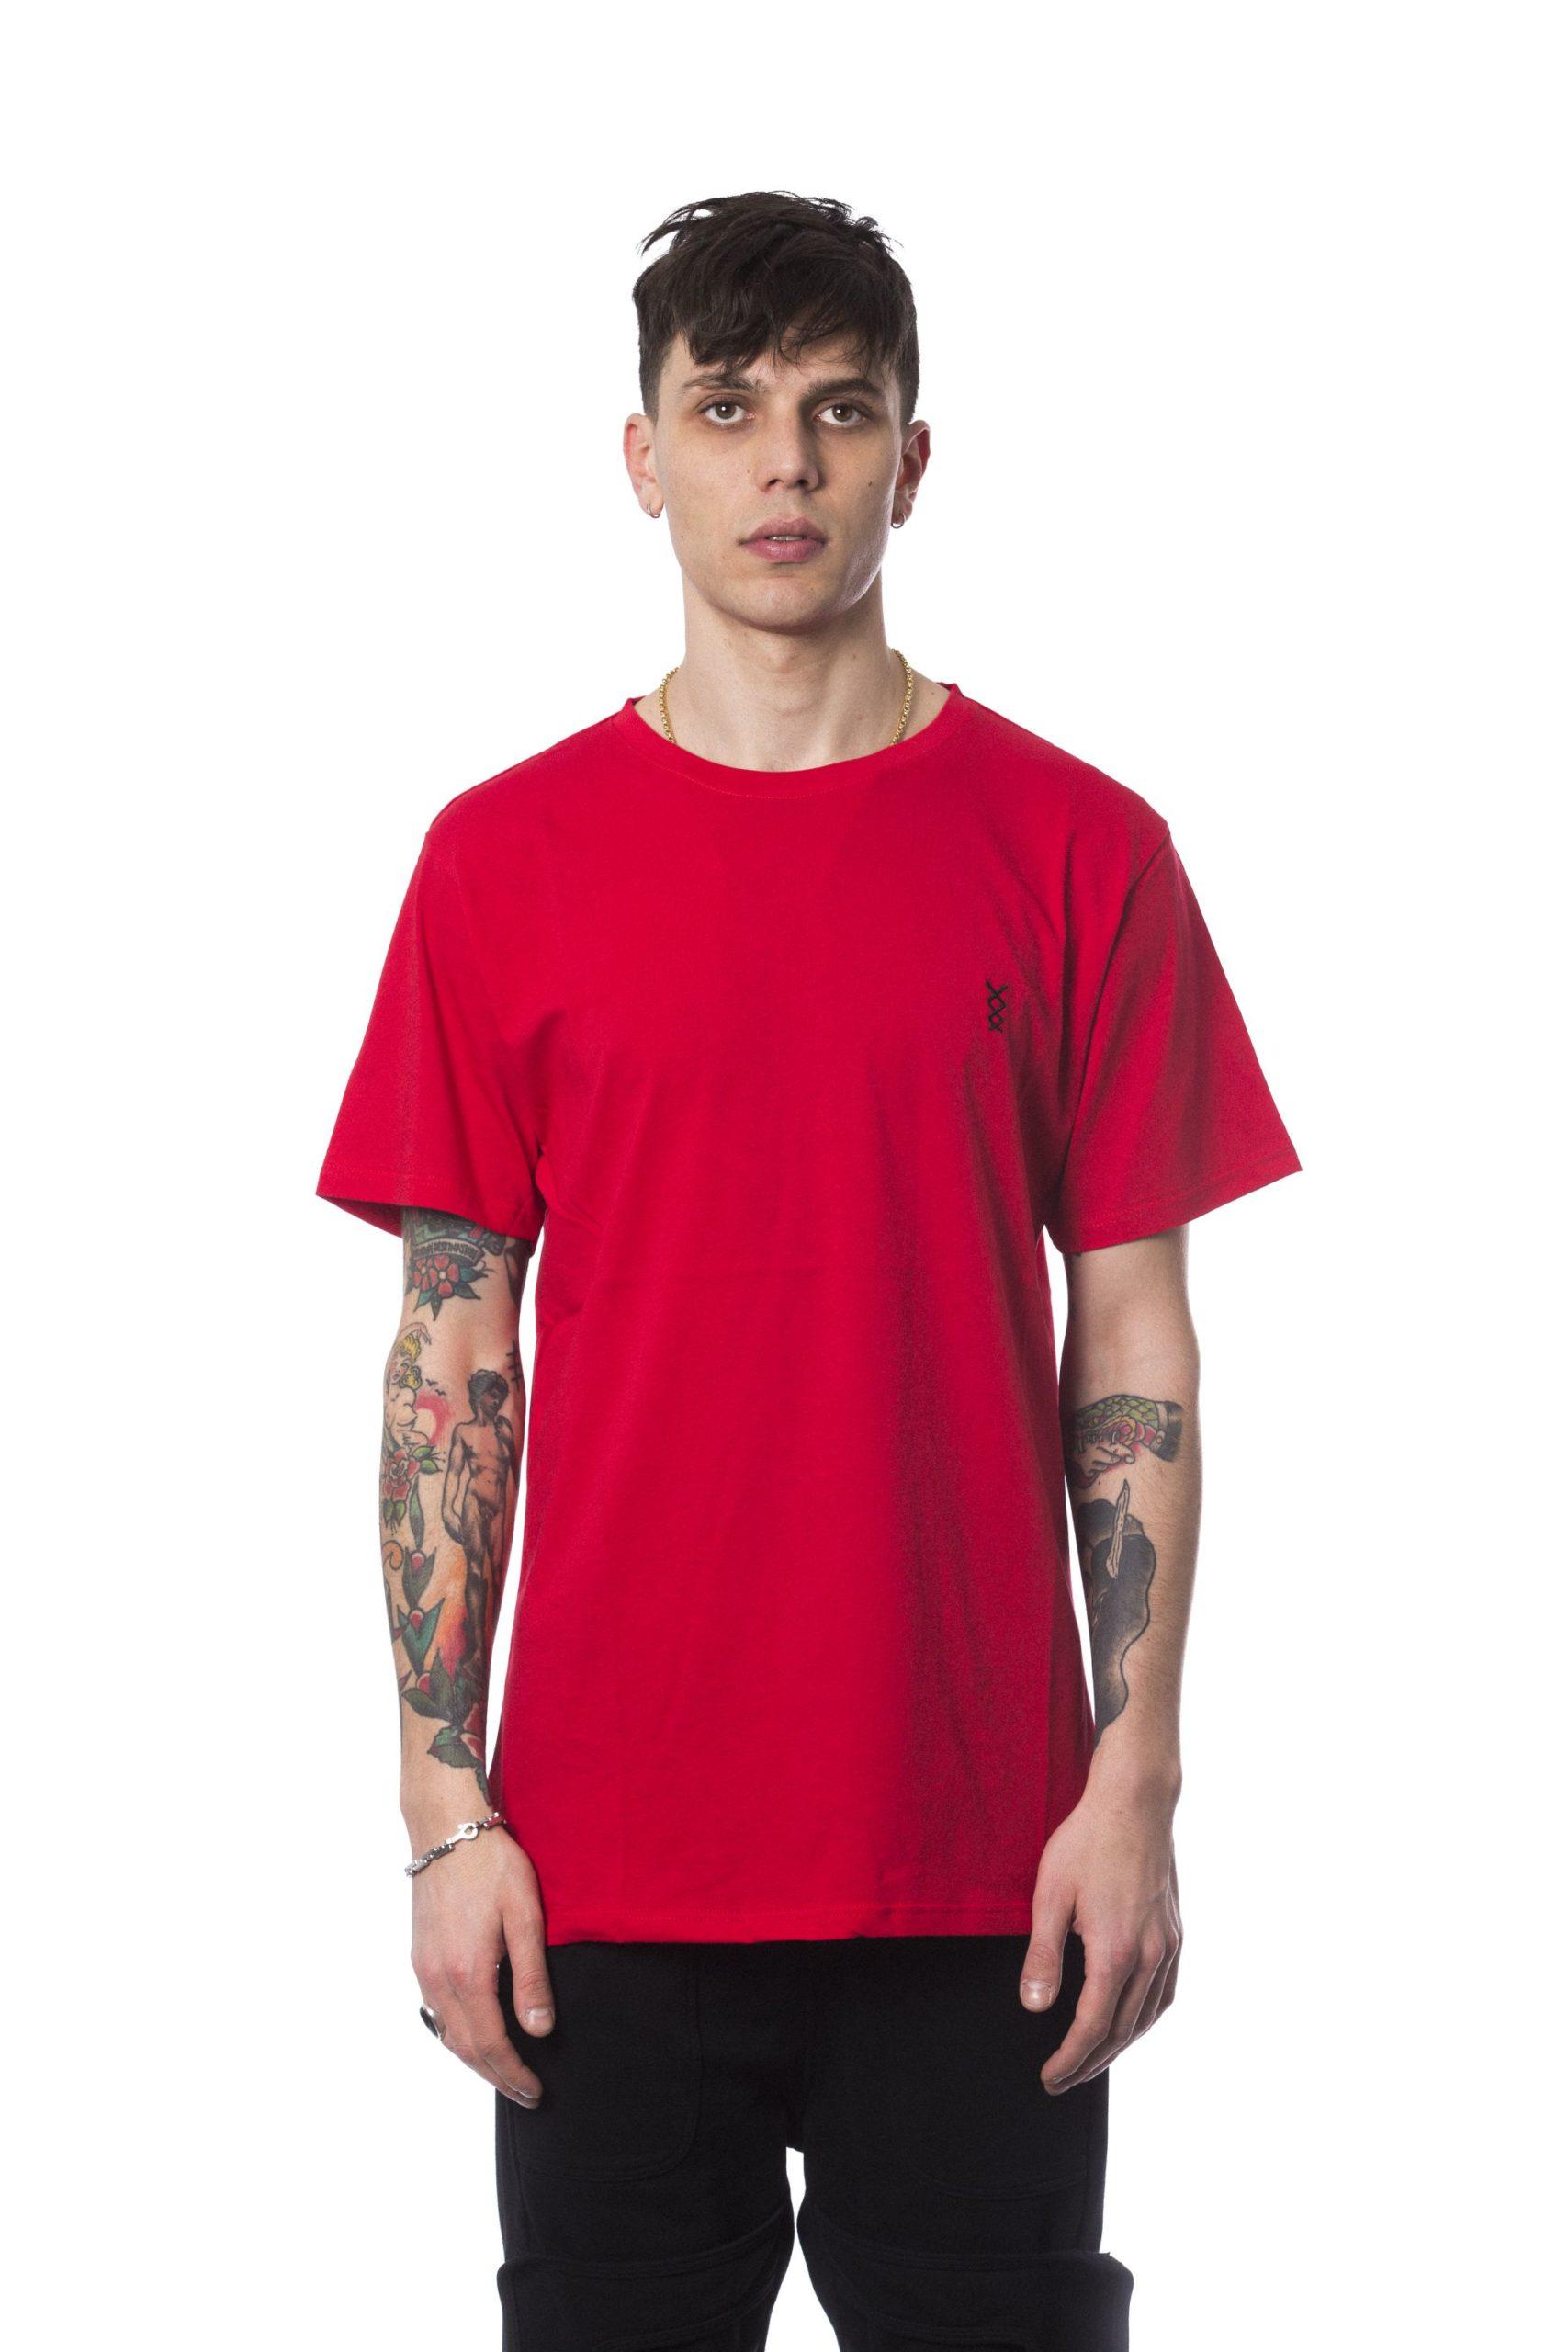 Nicolo Tonetto Men's Rosso T-Shirt Red NI681751 - S